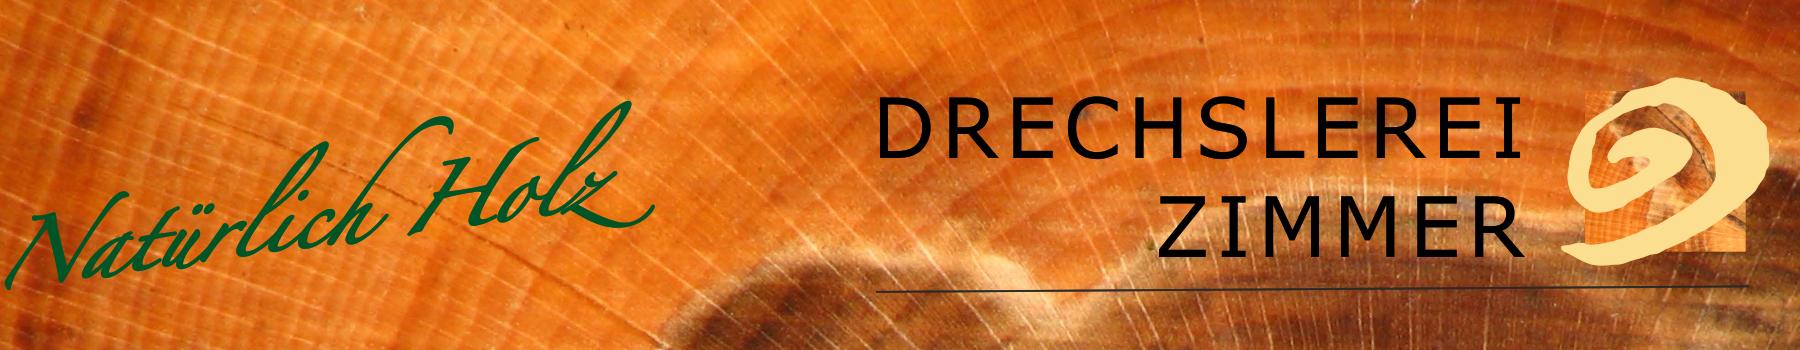 Drechslerei Zimmer Logo